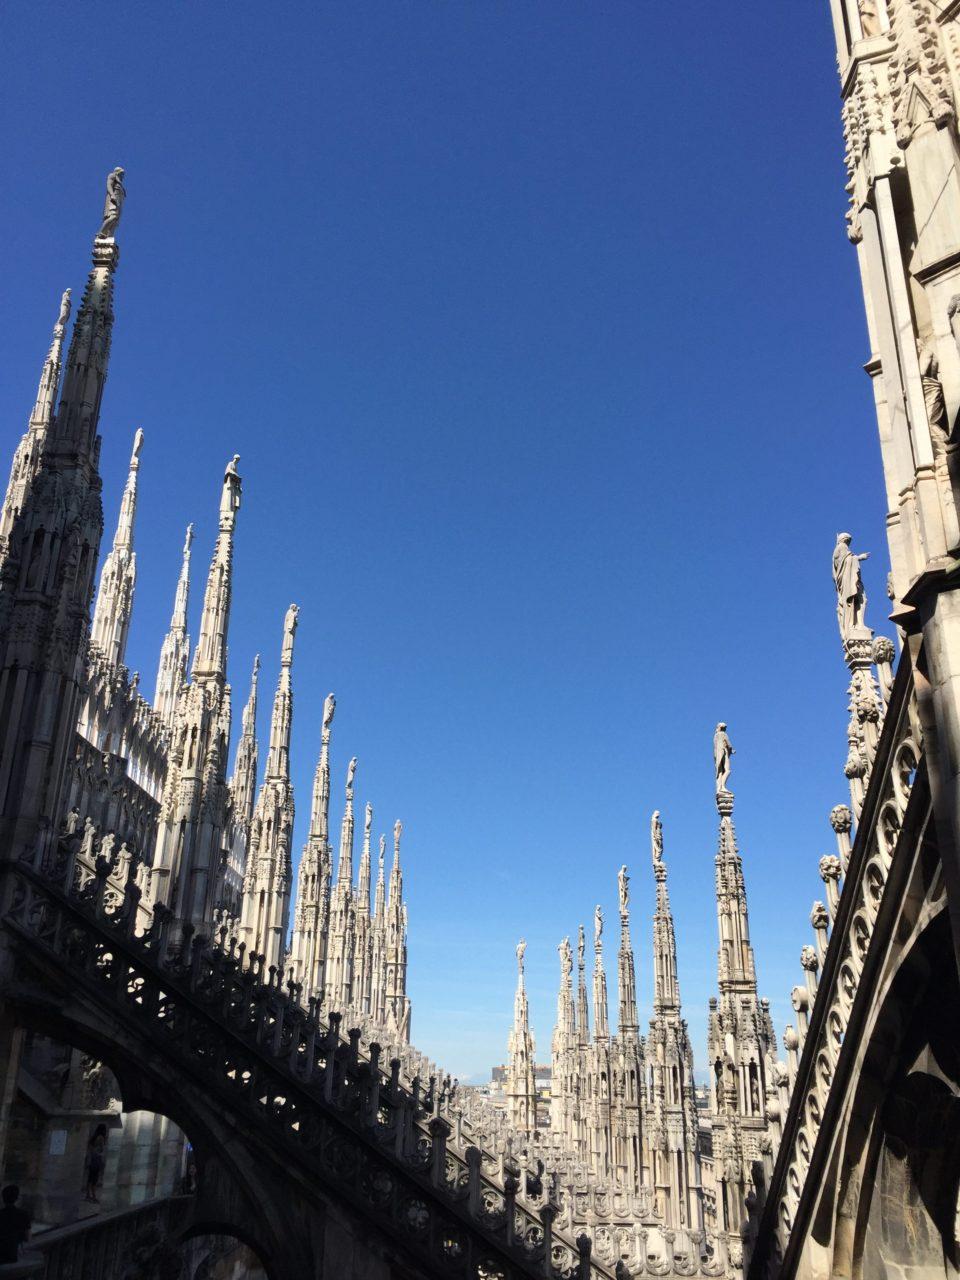 Una passeggiata tra le guglie del Duomo di Milano